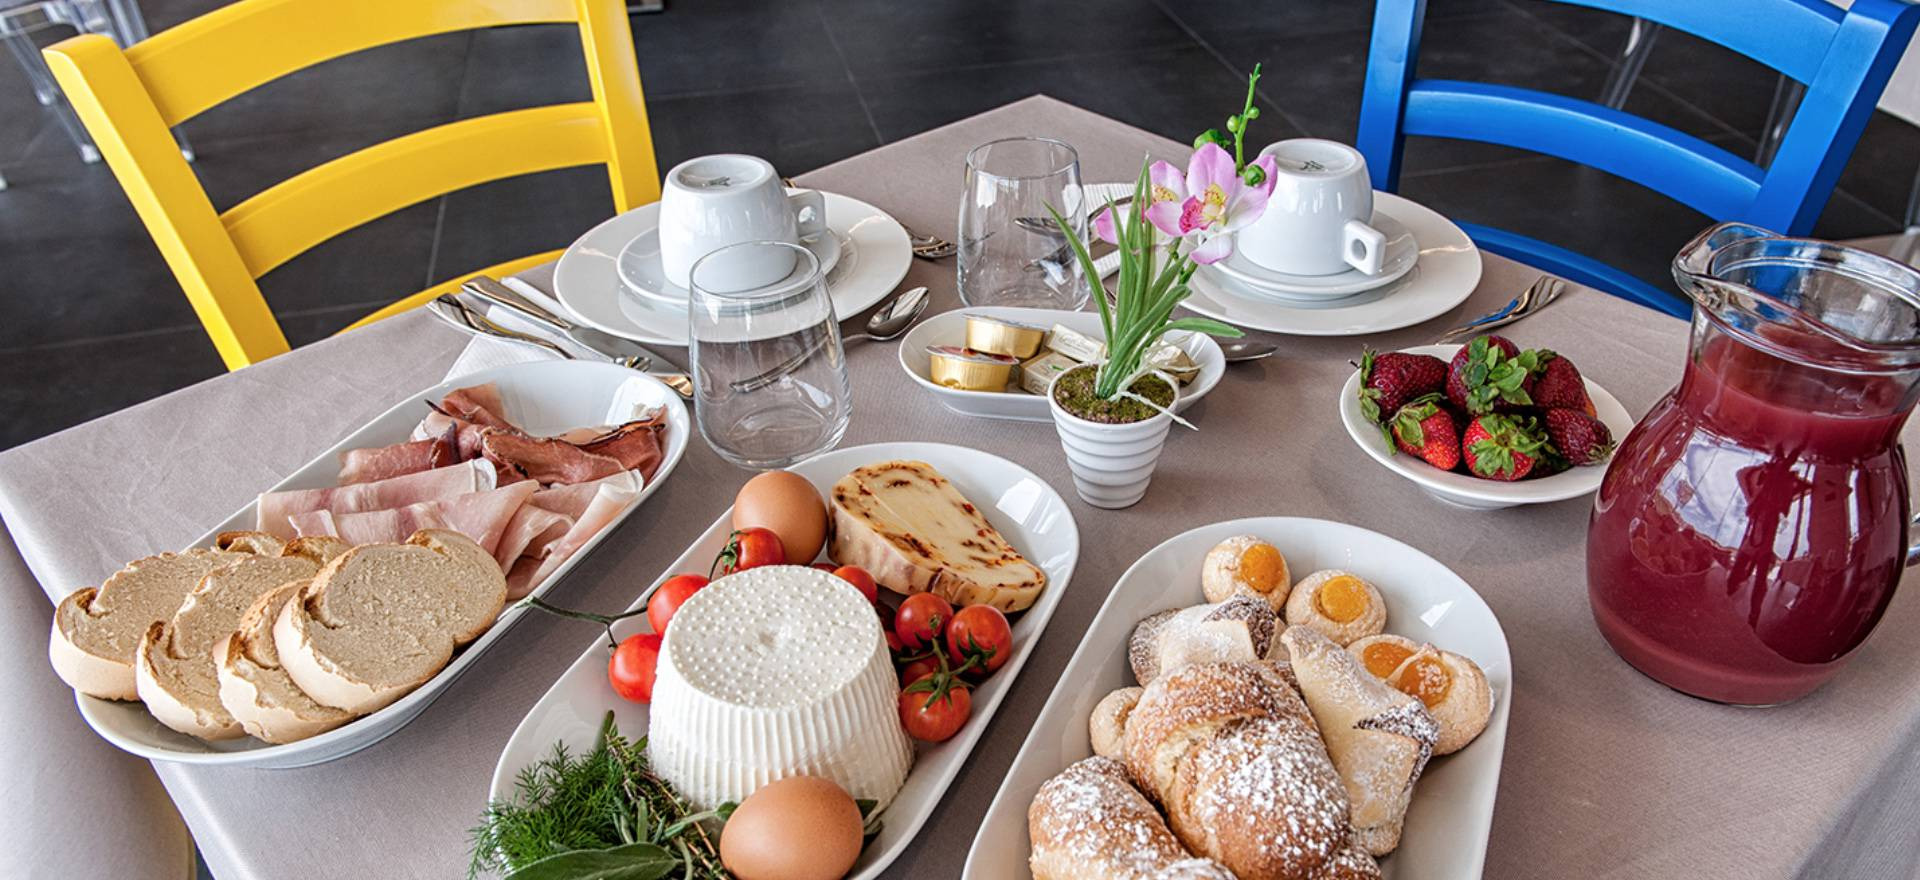 Agriturismo Sicilia Agriturismo ristrutturato con buon ristorante siciliano